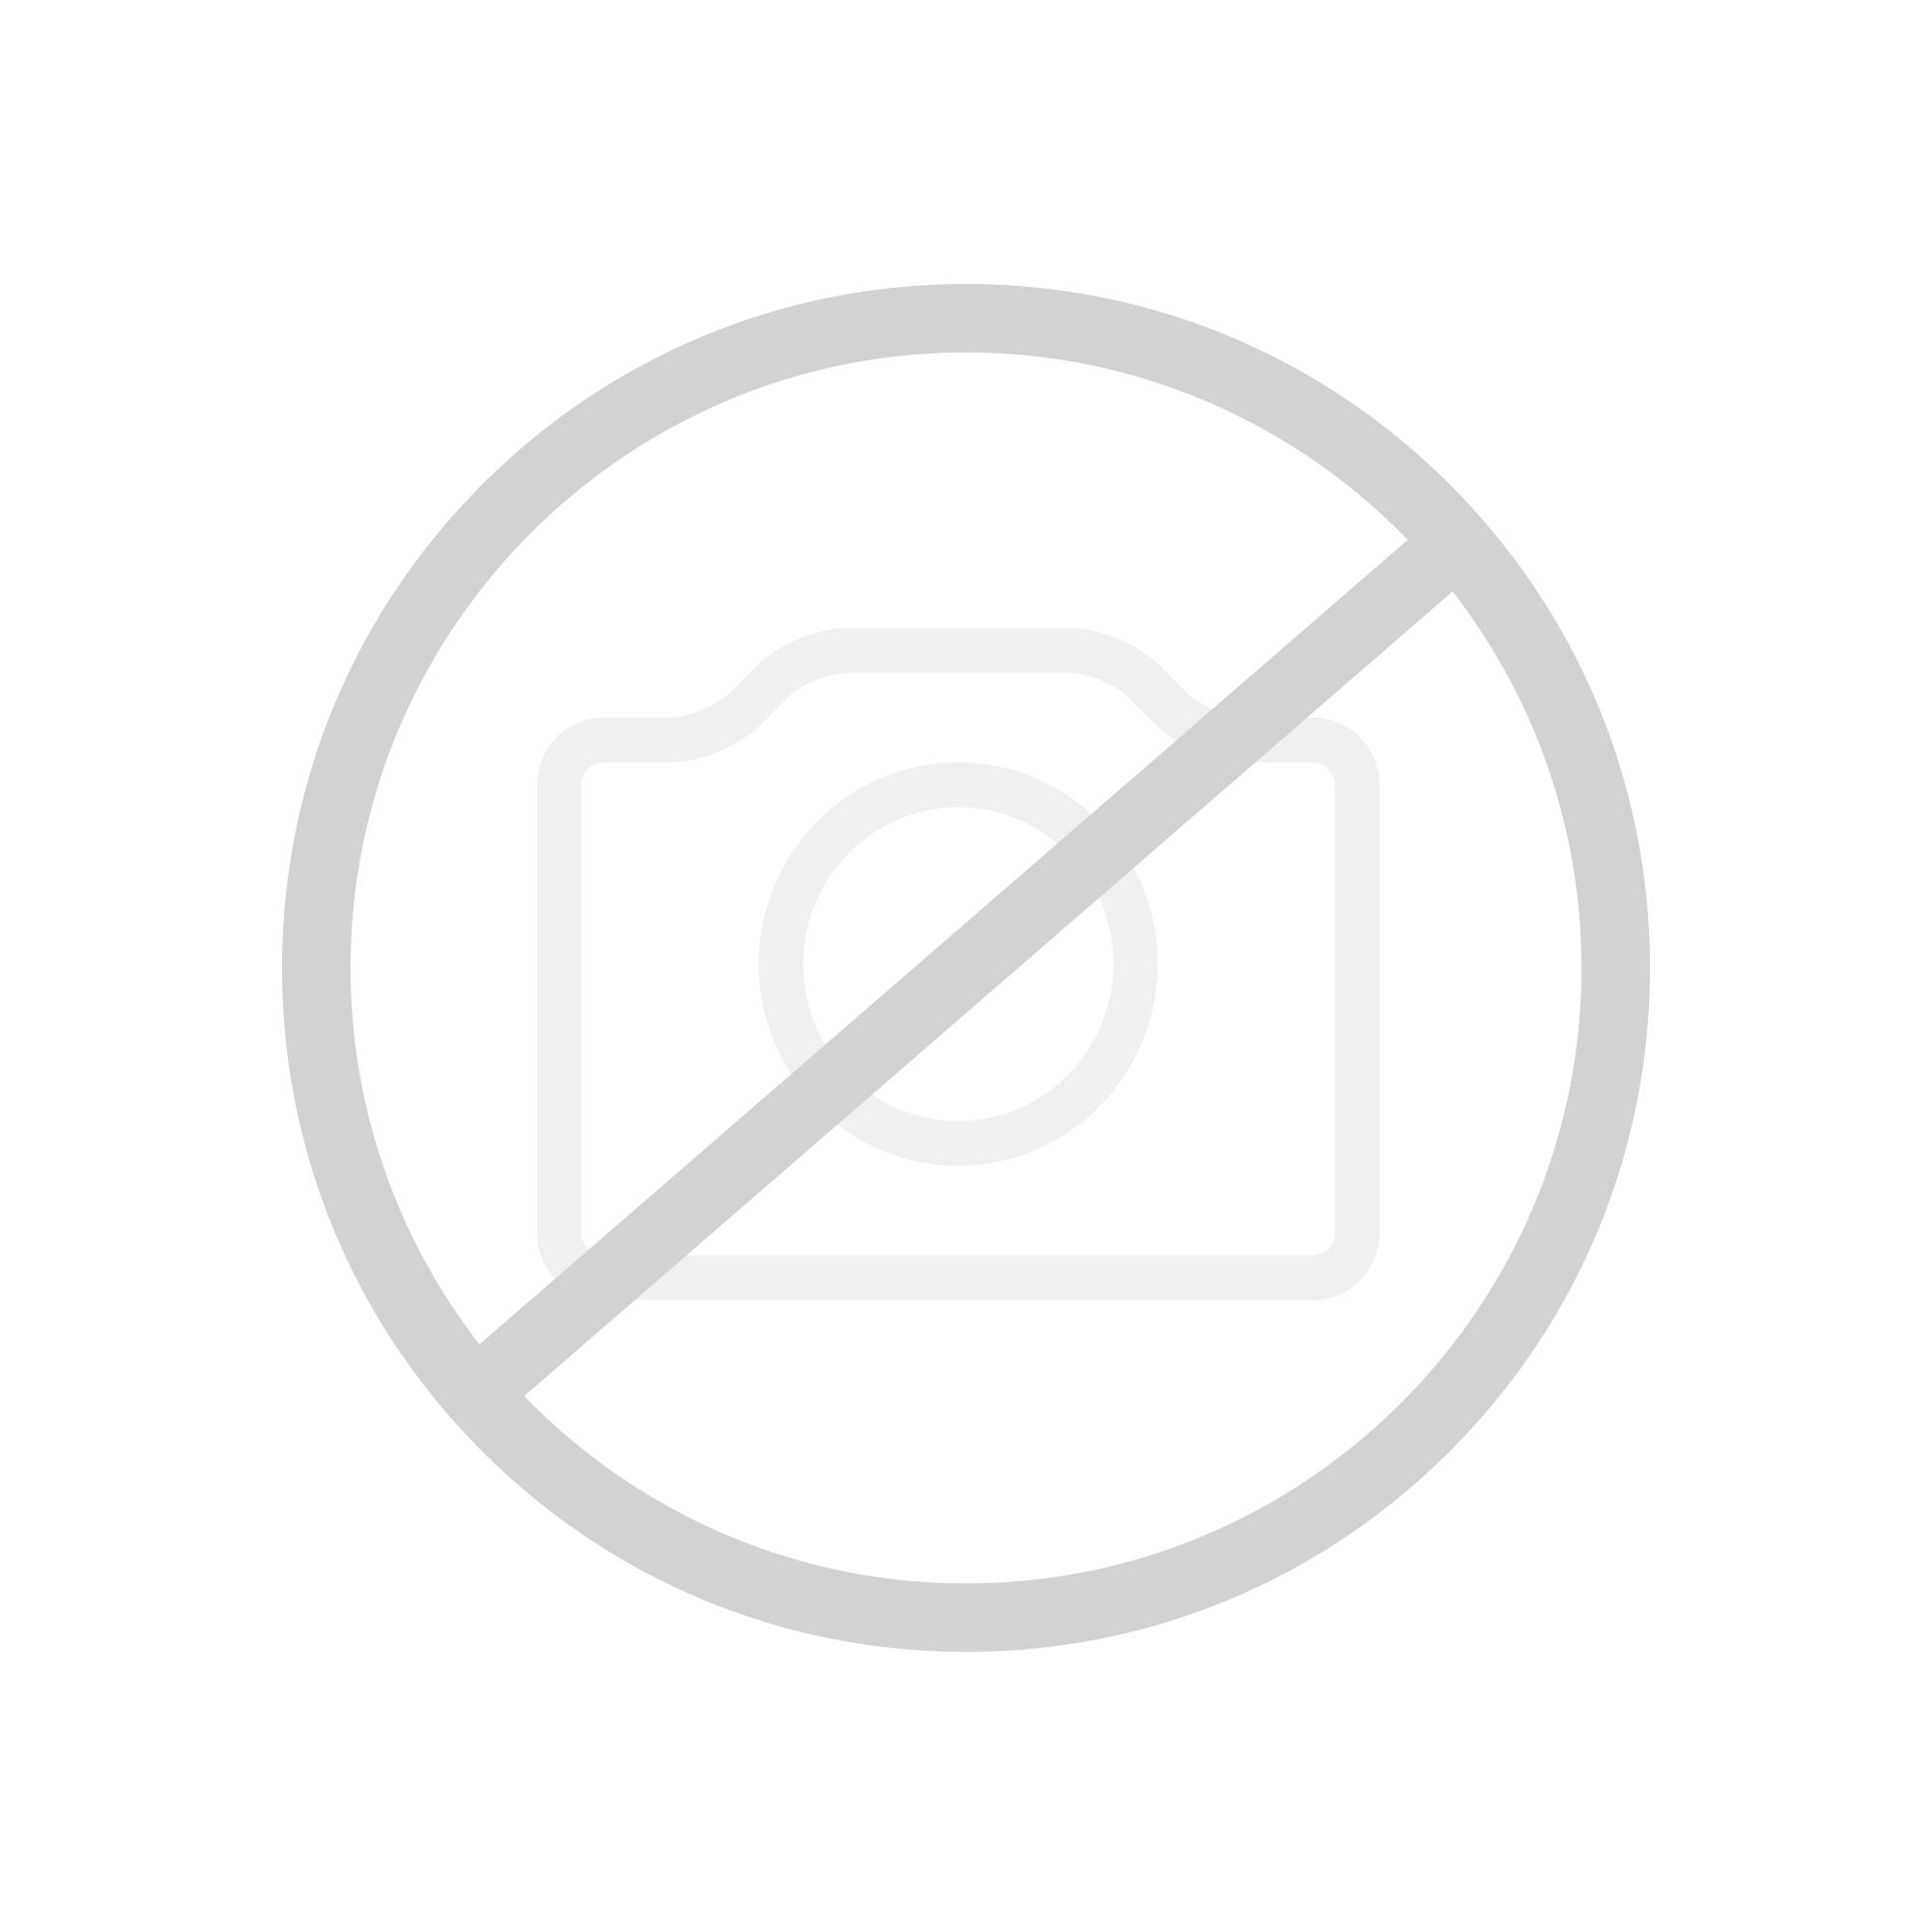 Hansgrohe Axor Starck Fixfit Schlauchanschluss DN 15